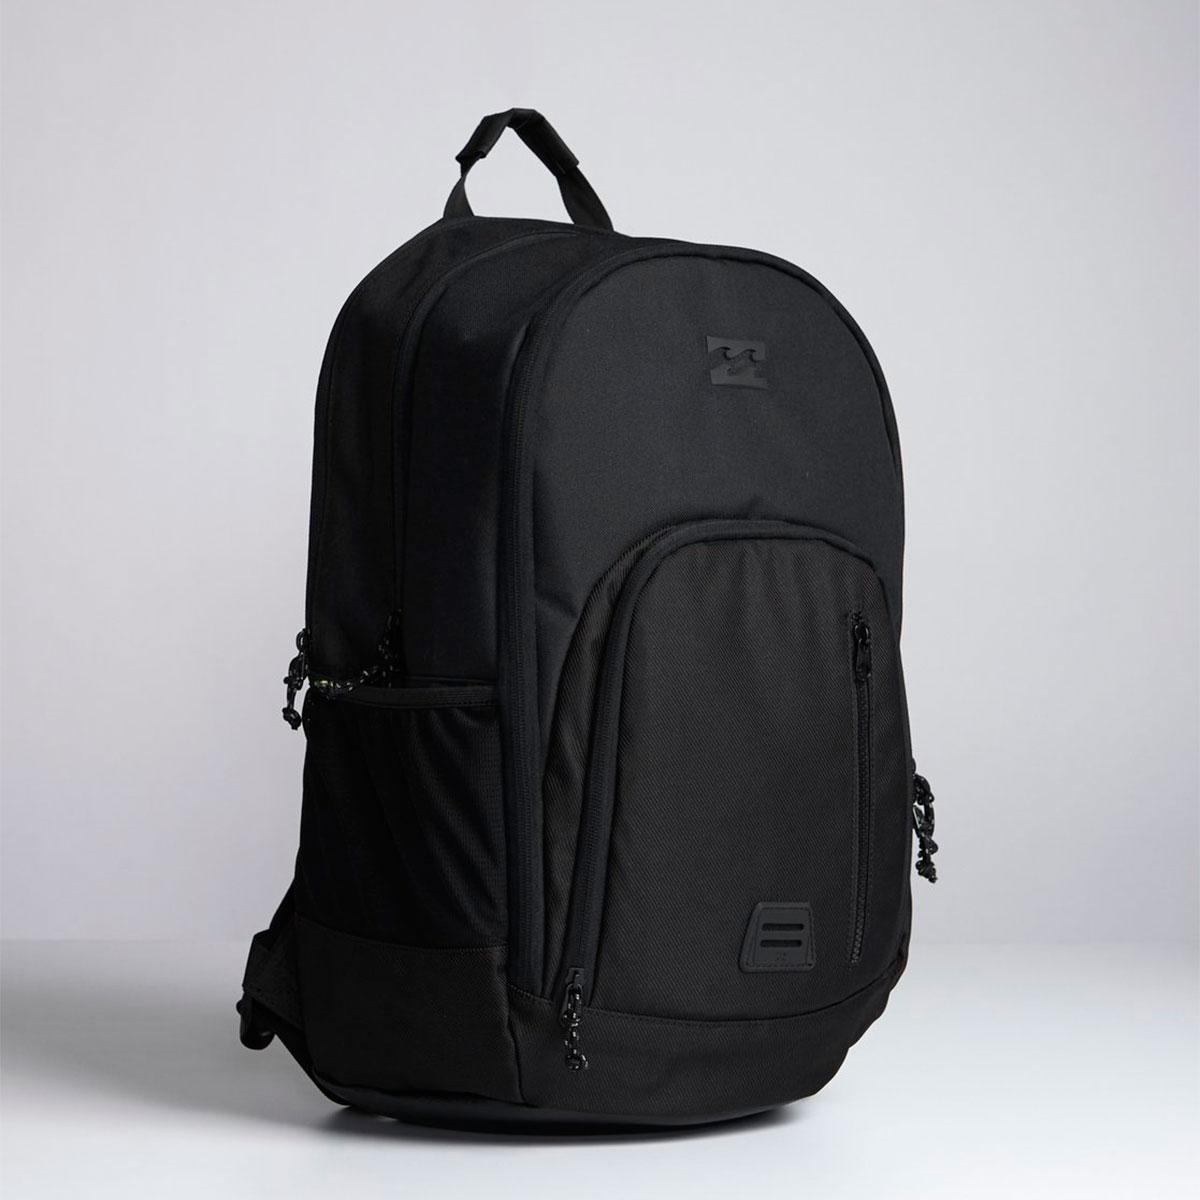 Рюкзак Billabong Command Pack